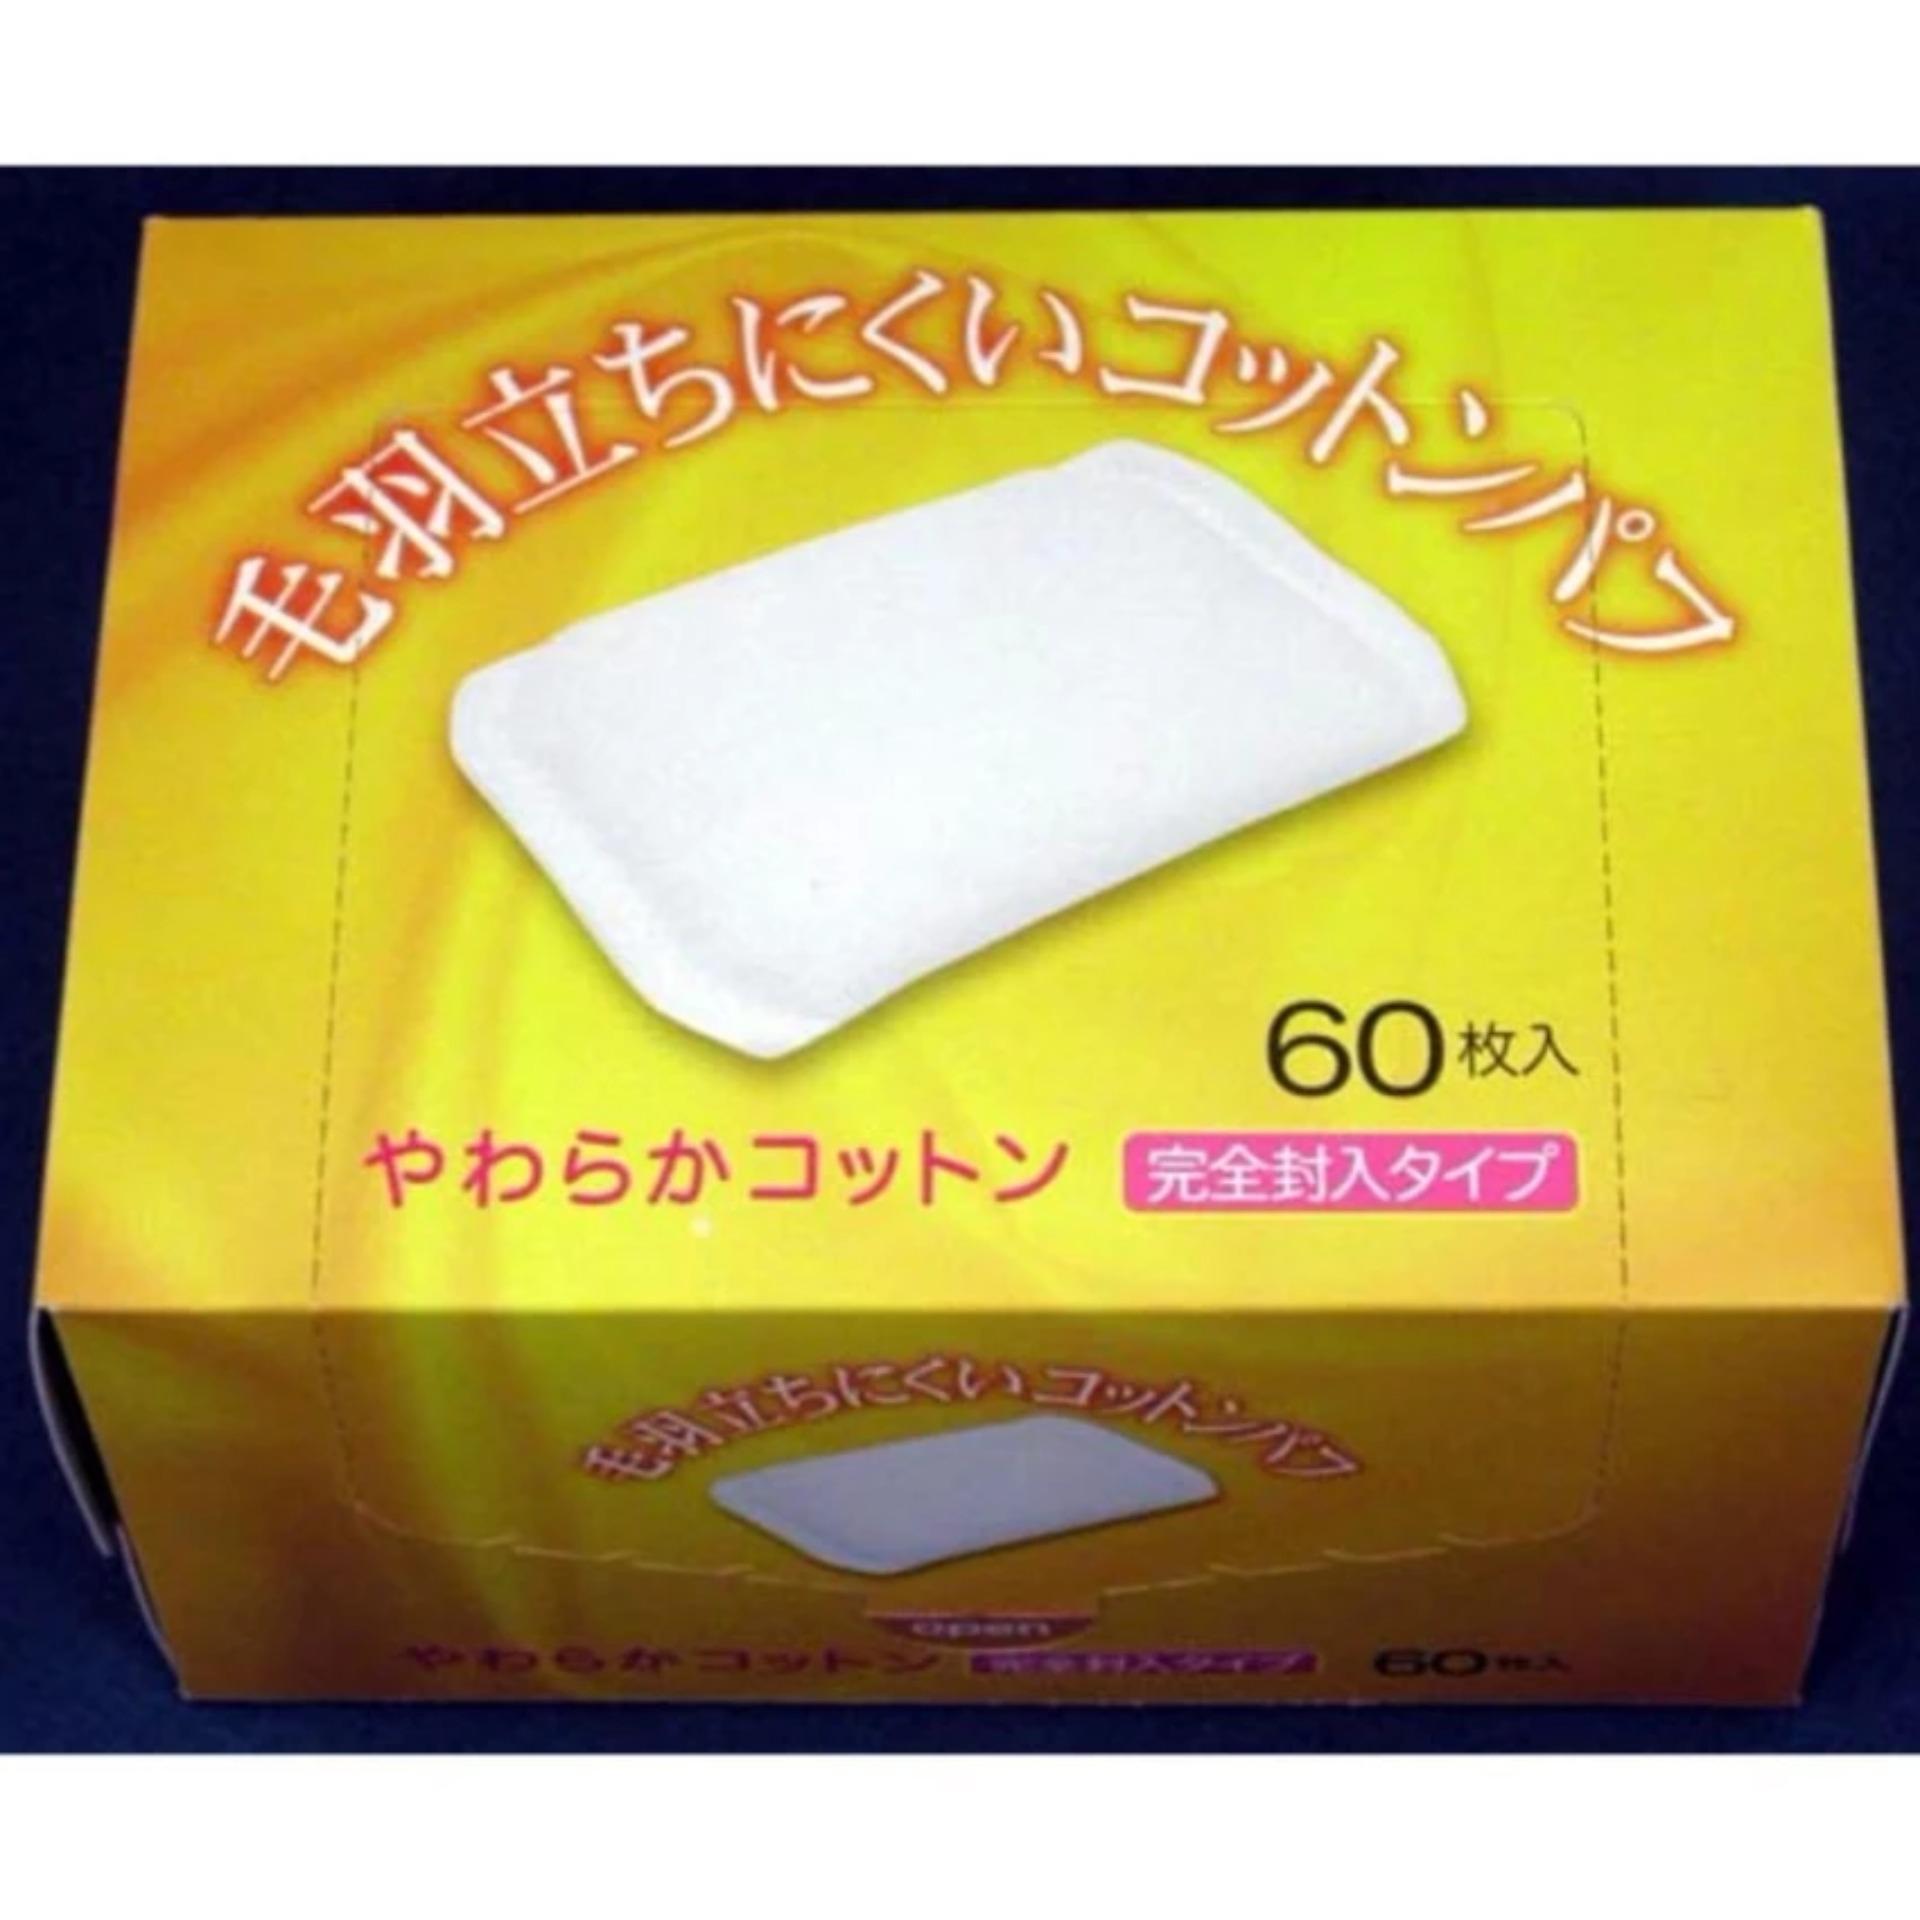 Hộp 60 miếng bông tẩy trang - Hàng nhập khẩu Nhật Bản tốt nhất